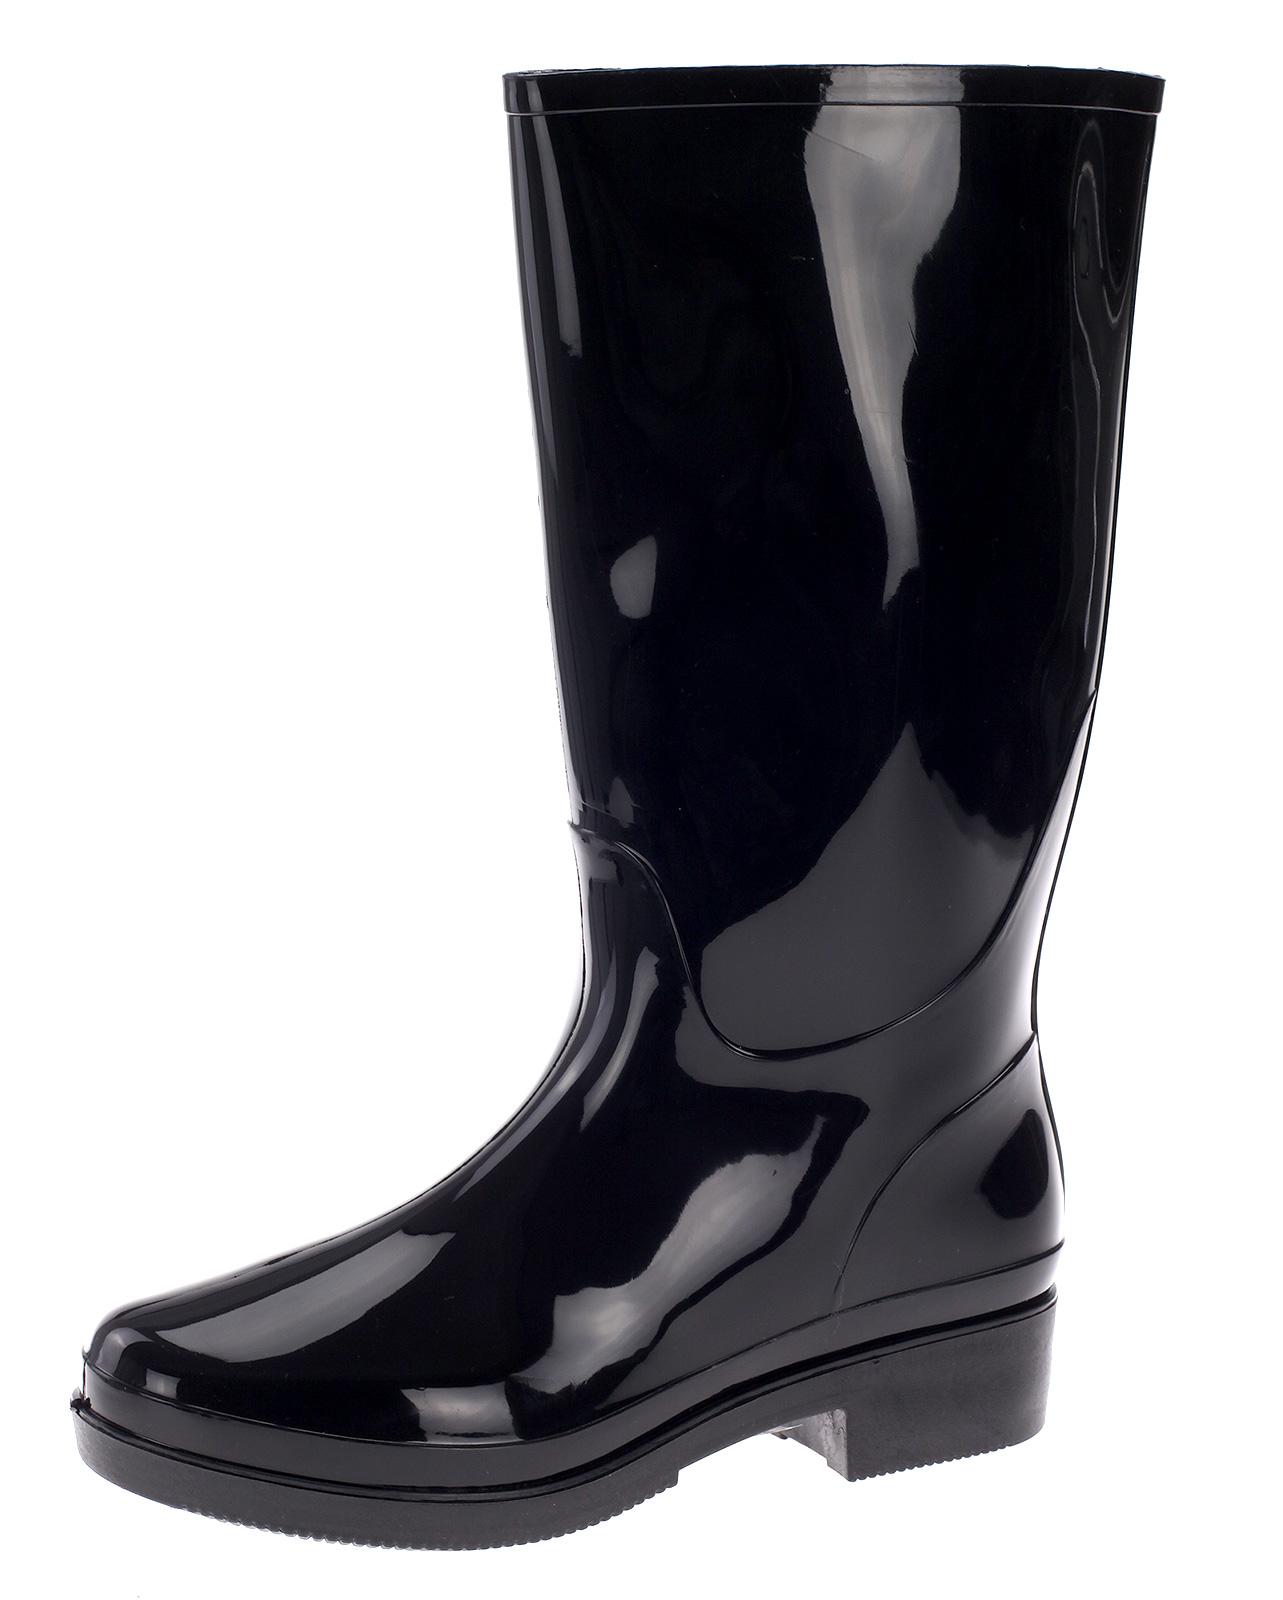 Damen Gummistiefel Regenstiefel Gummischuhe Lack Stiefel Stiefelette Boots HM-23